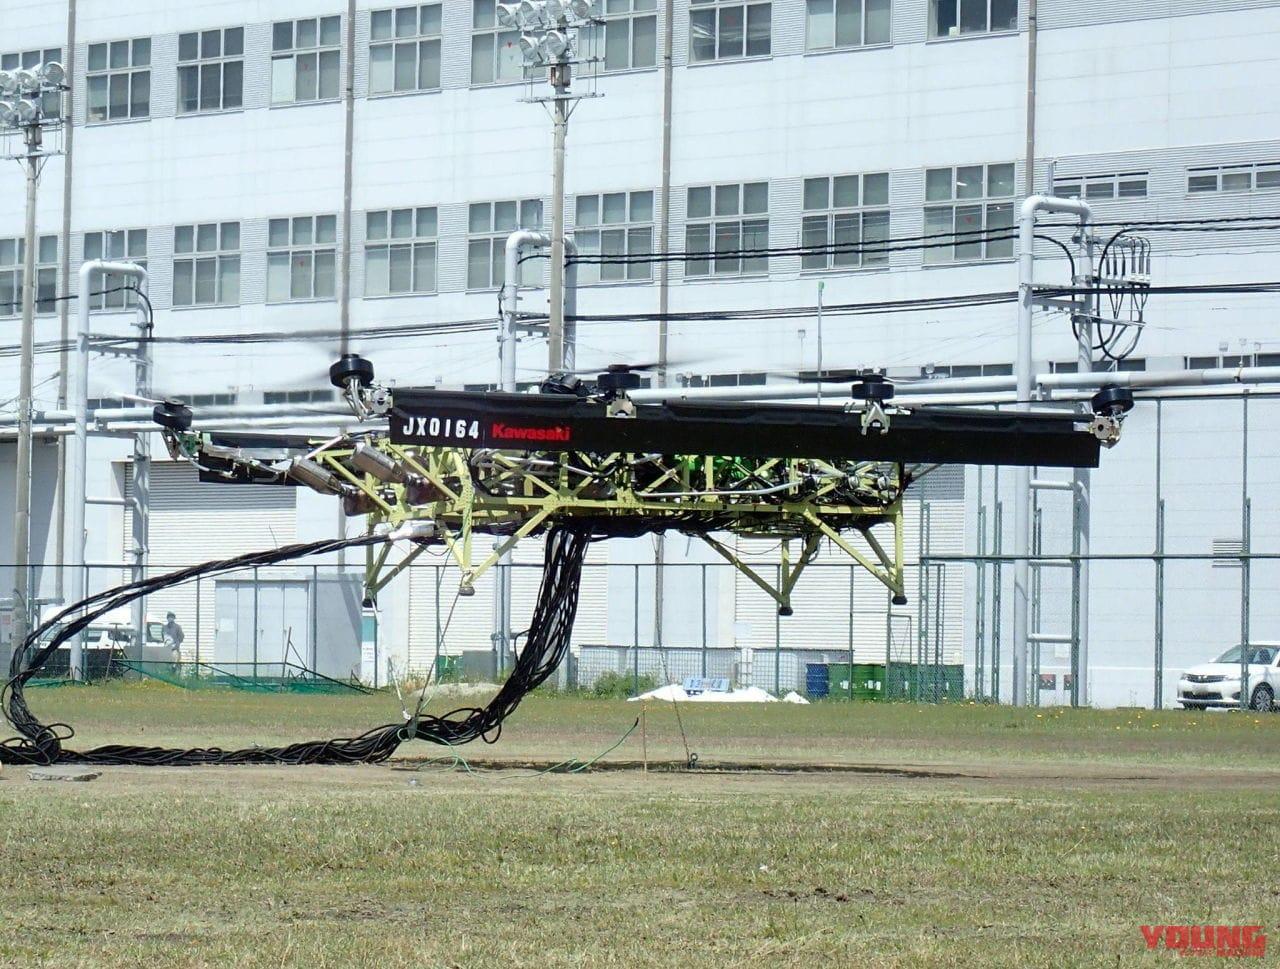 カワサキ 大型ハイブリッドドローン試験機